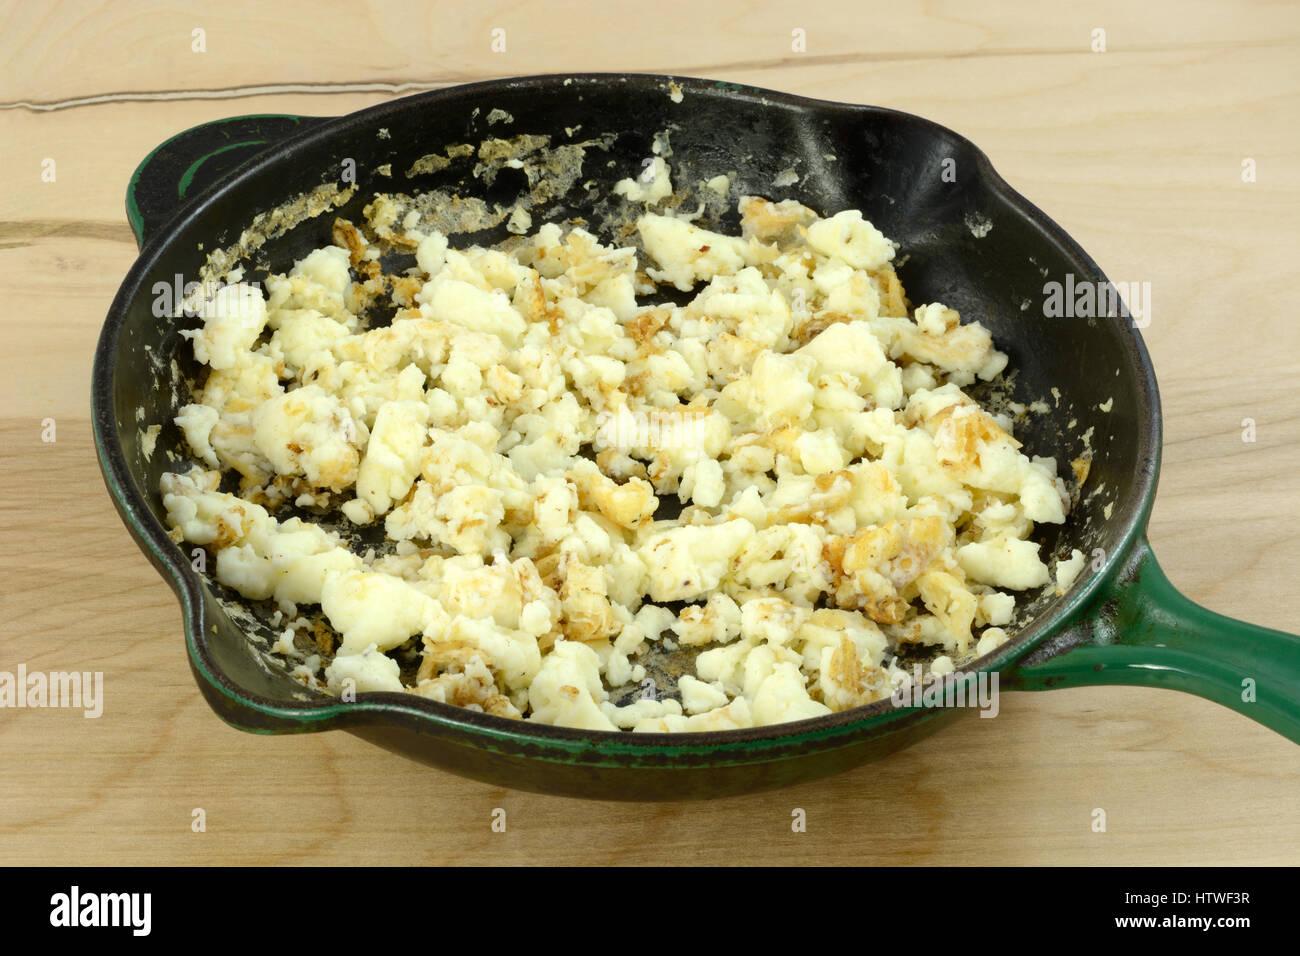 Cœur en santé cholestérol bas blancs d'oeufs frits dans une poêle Photo Stock